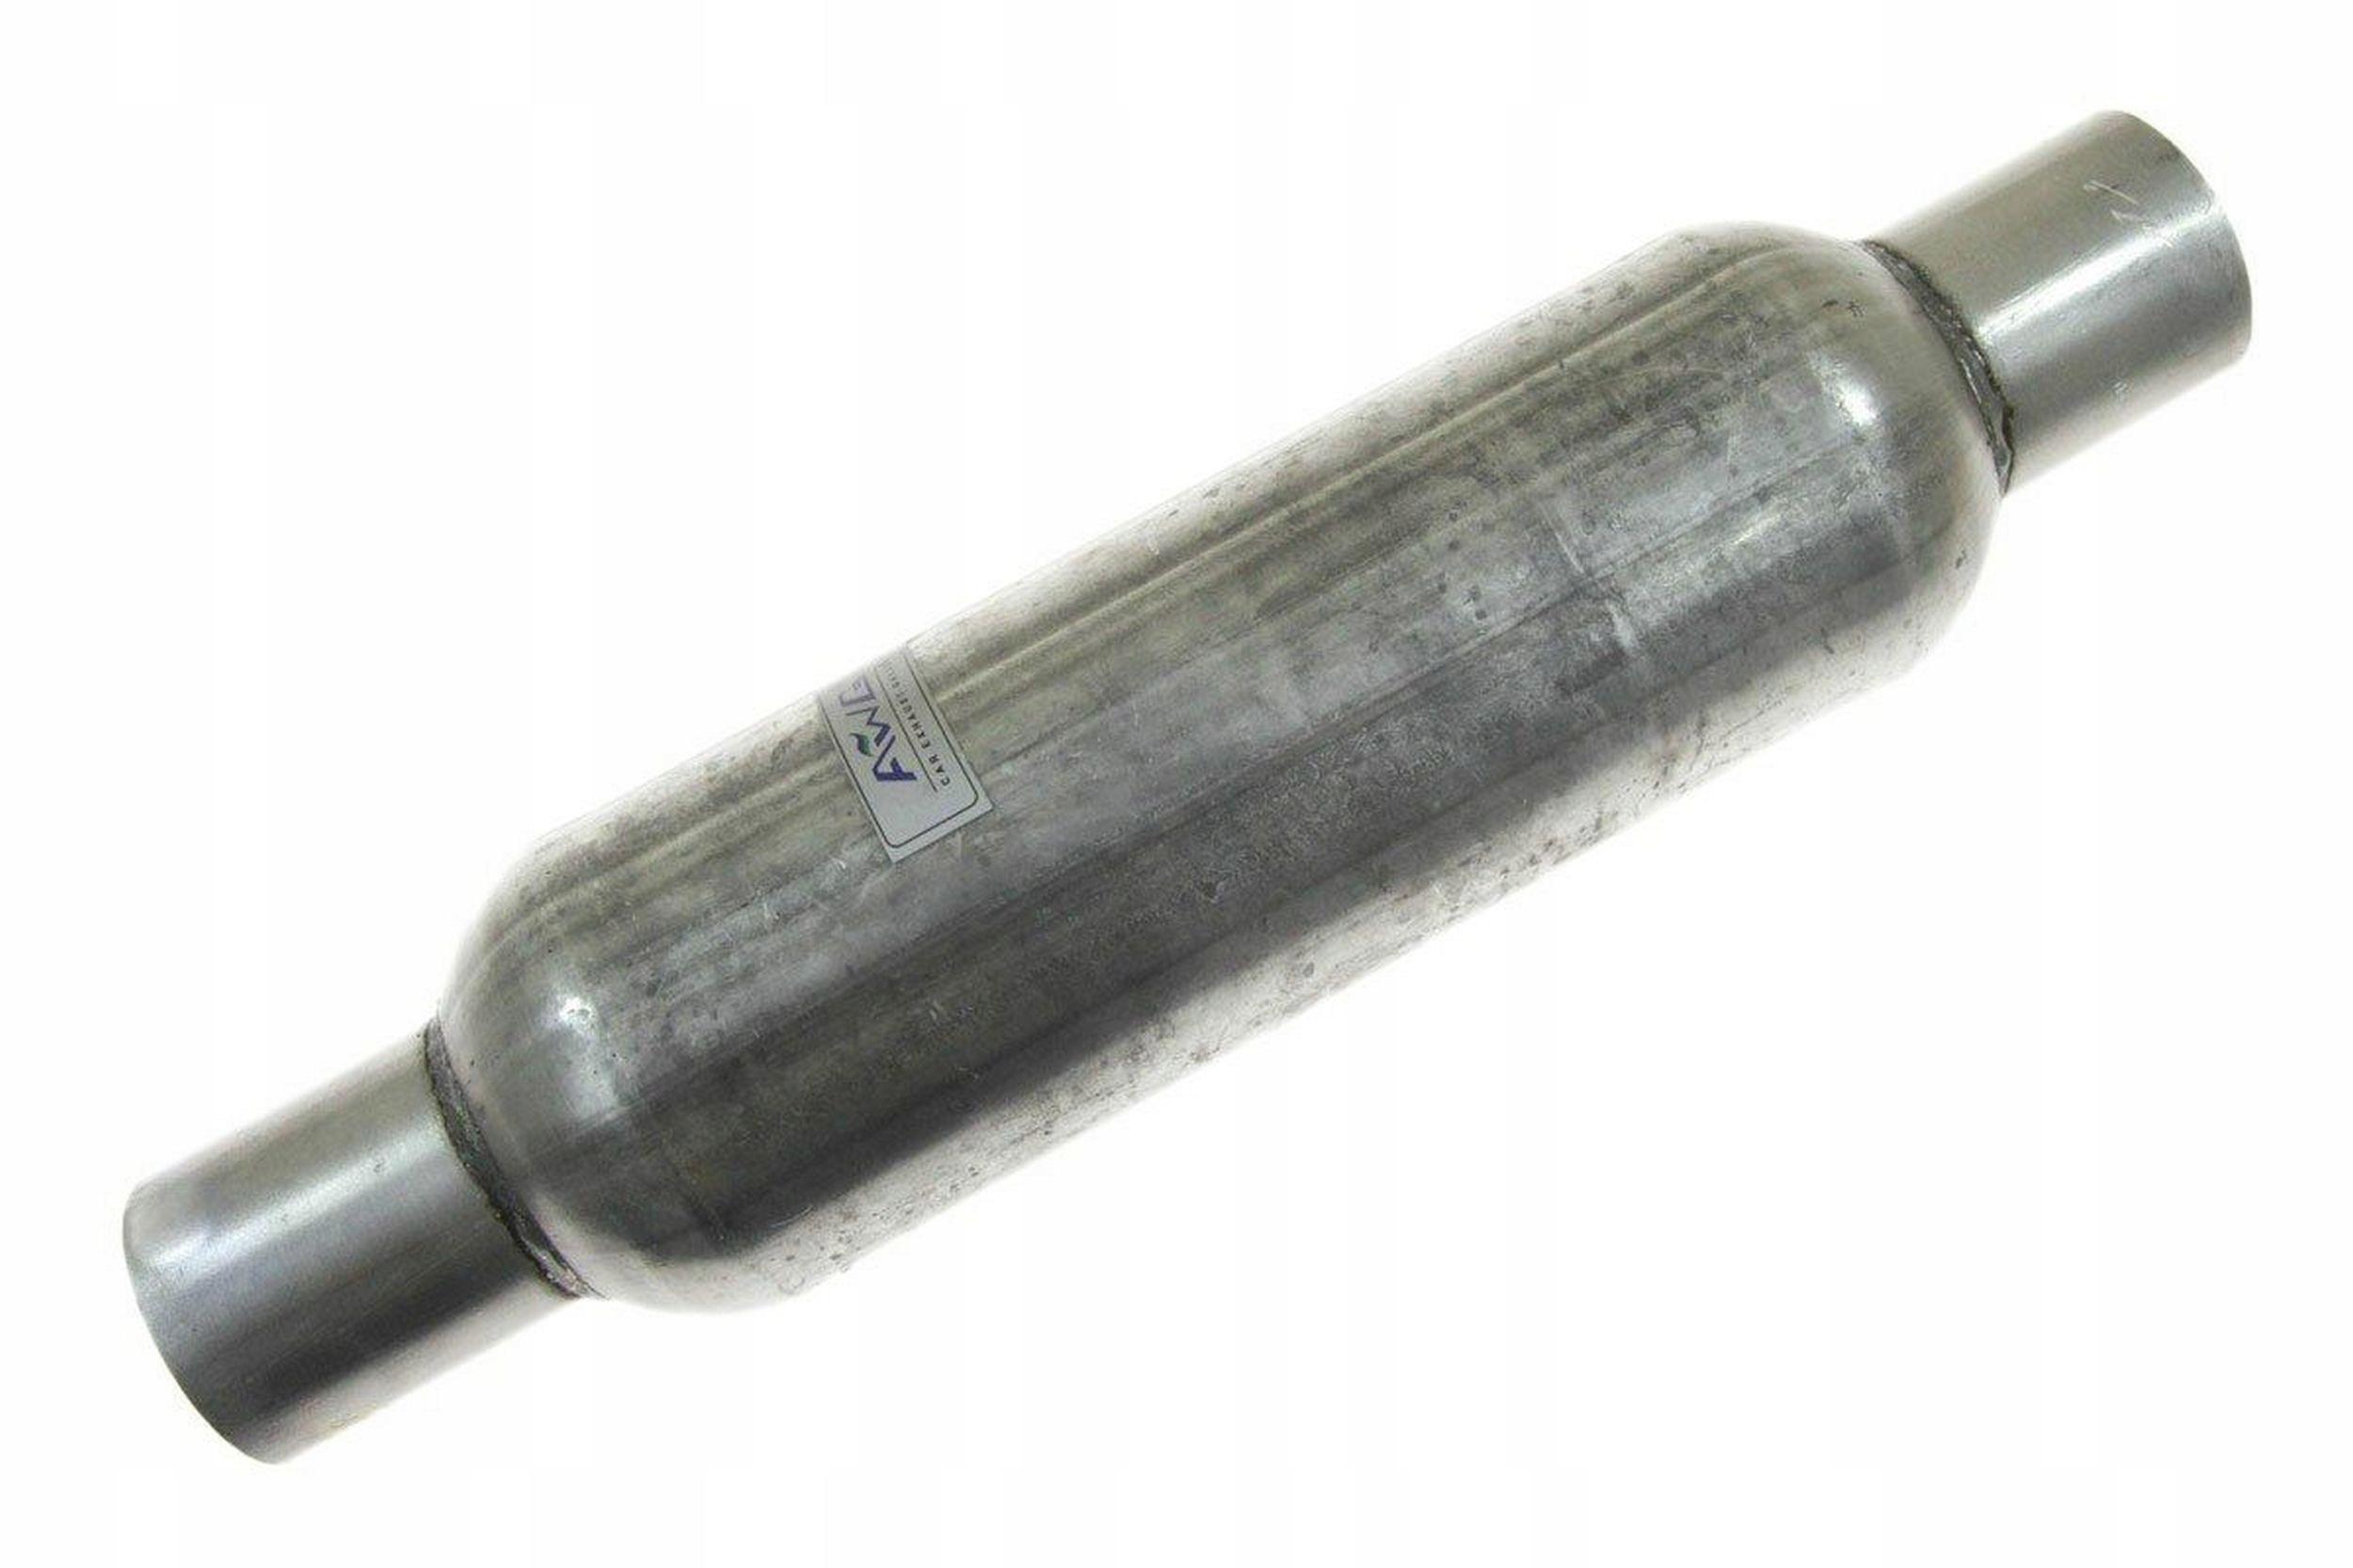 глушитель Средний fi 50mm спортивный сквозное awg